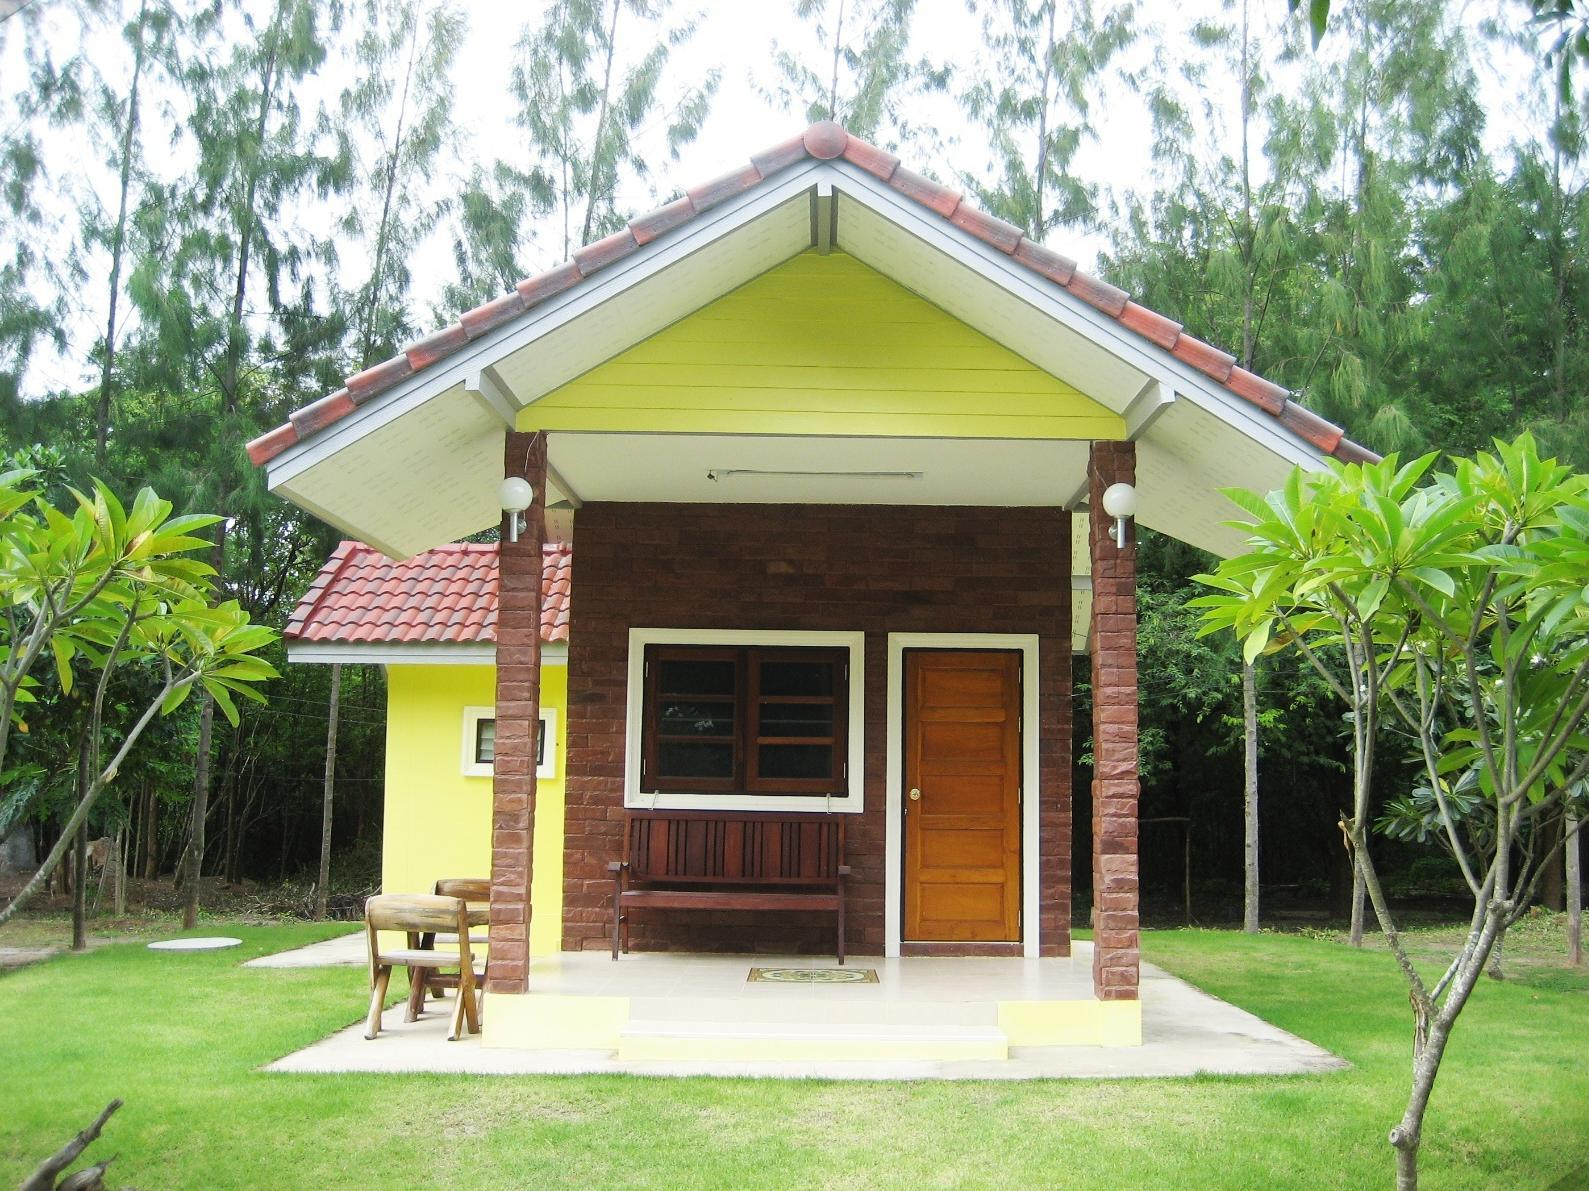 ทิวสน สวนผึ้ง รีสอร์ท : ที่พักสวนผึ้ง จ.ราชบุรี